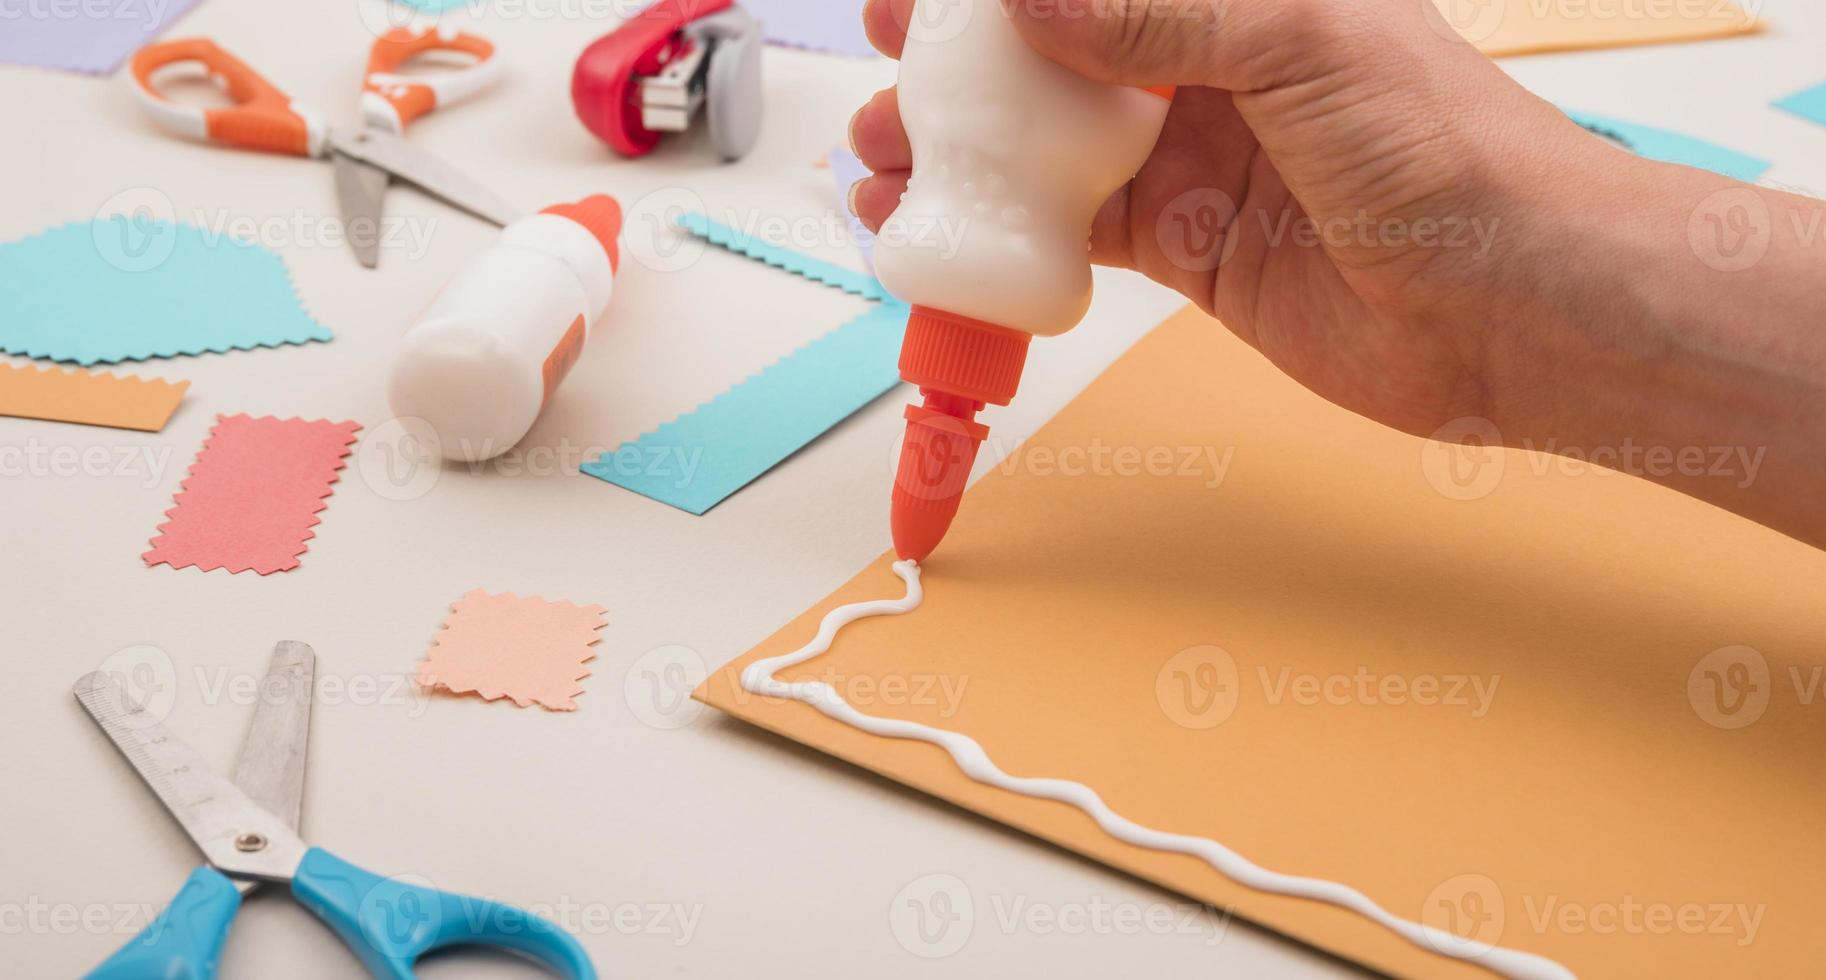 mão aplicando cola branca em papel laranja foto